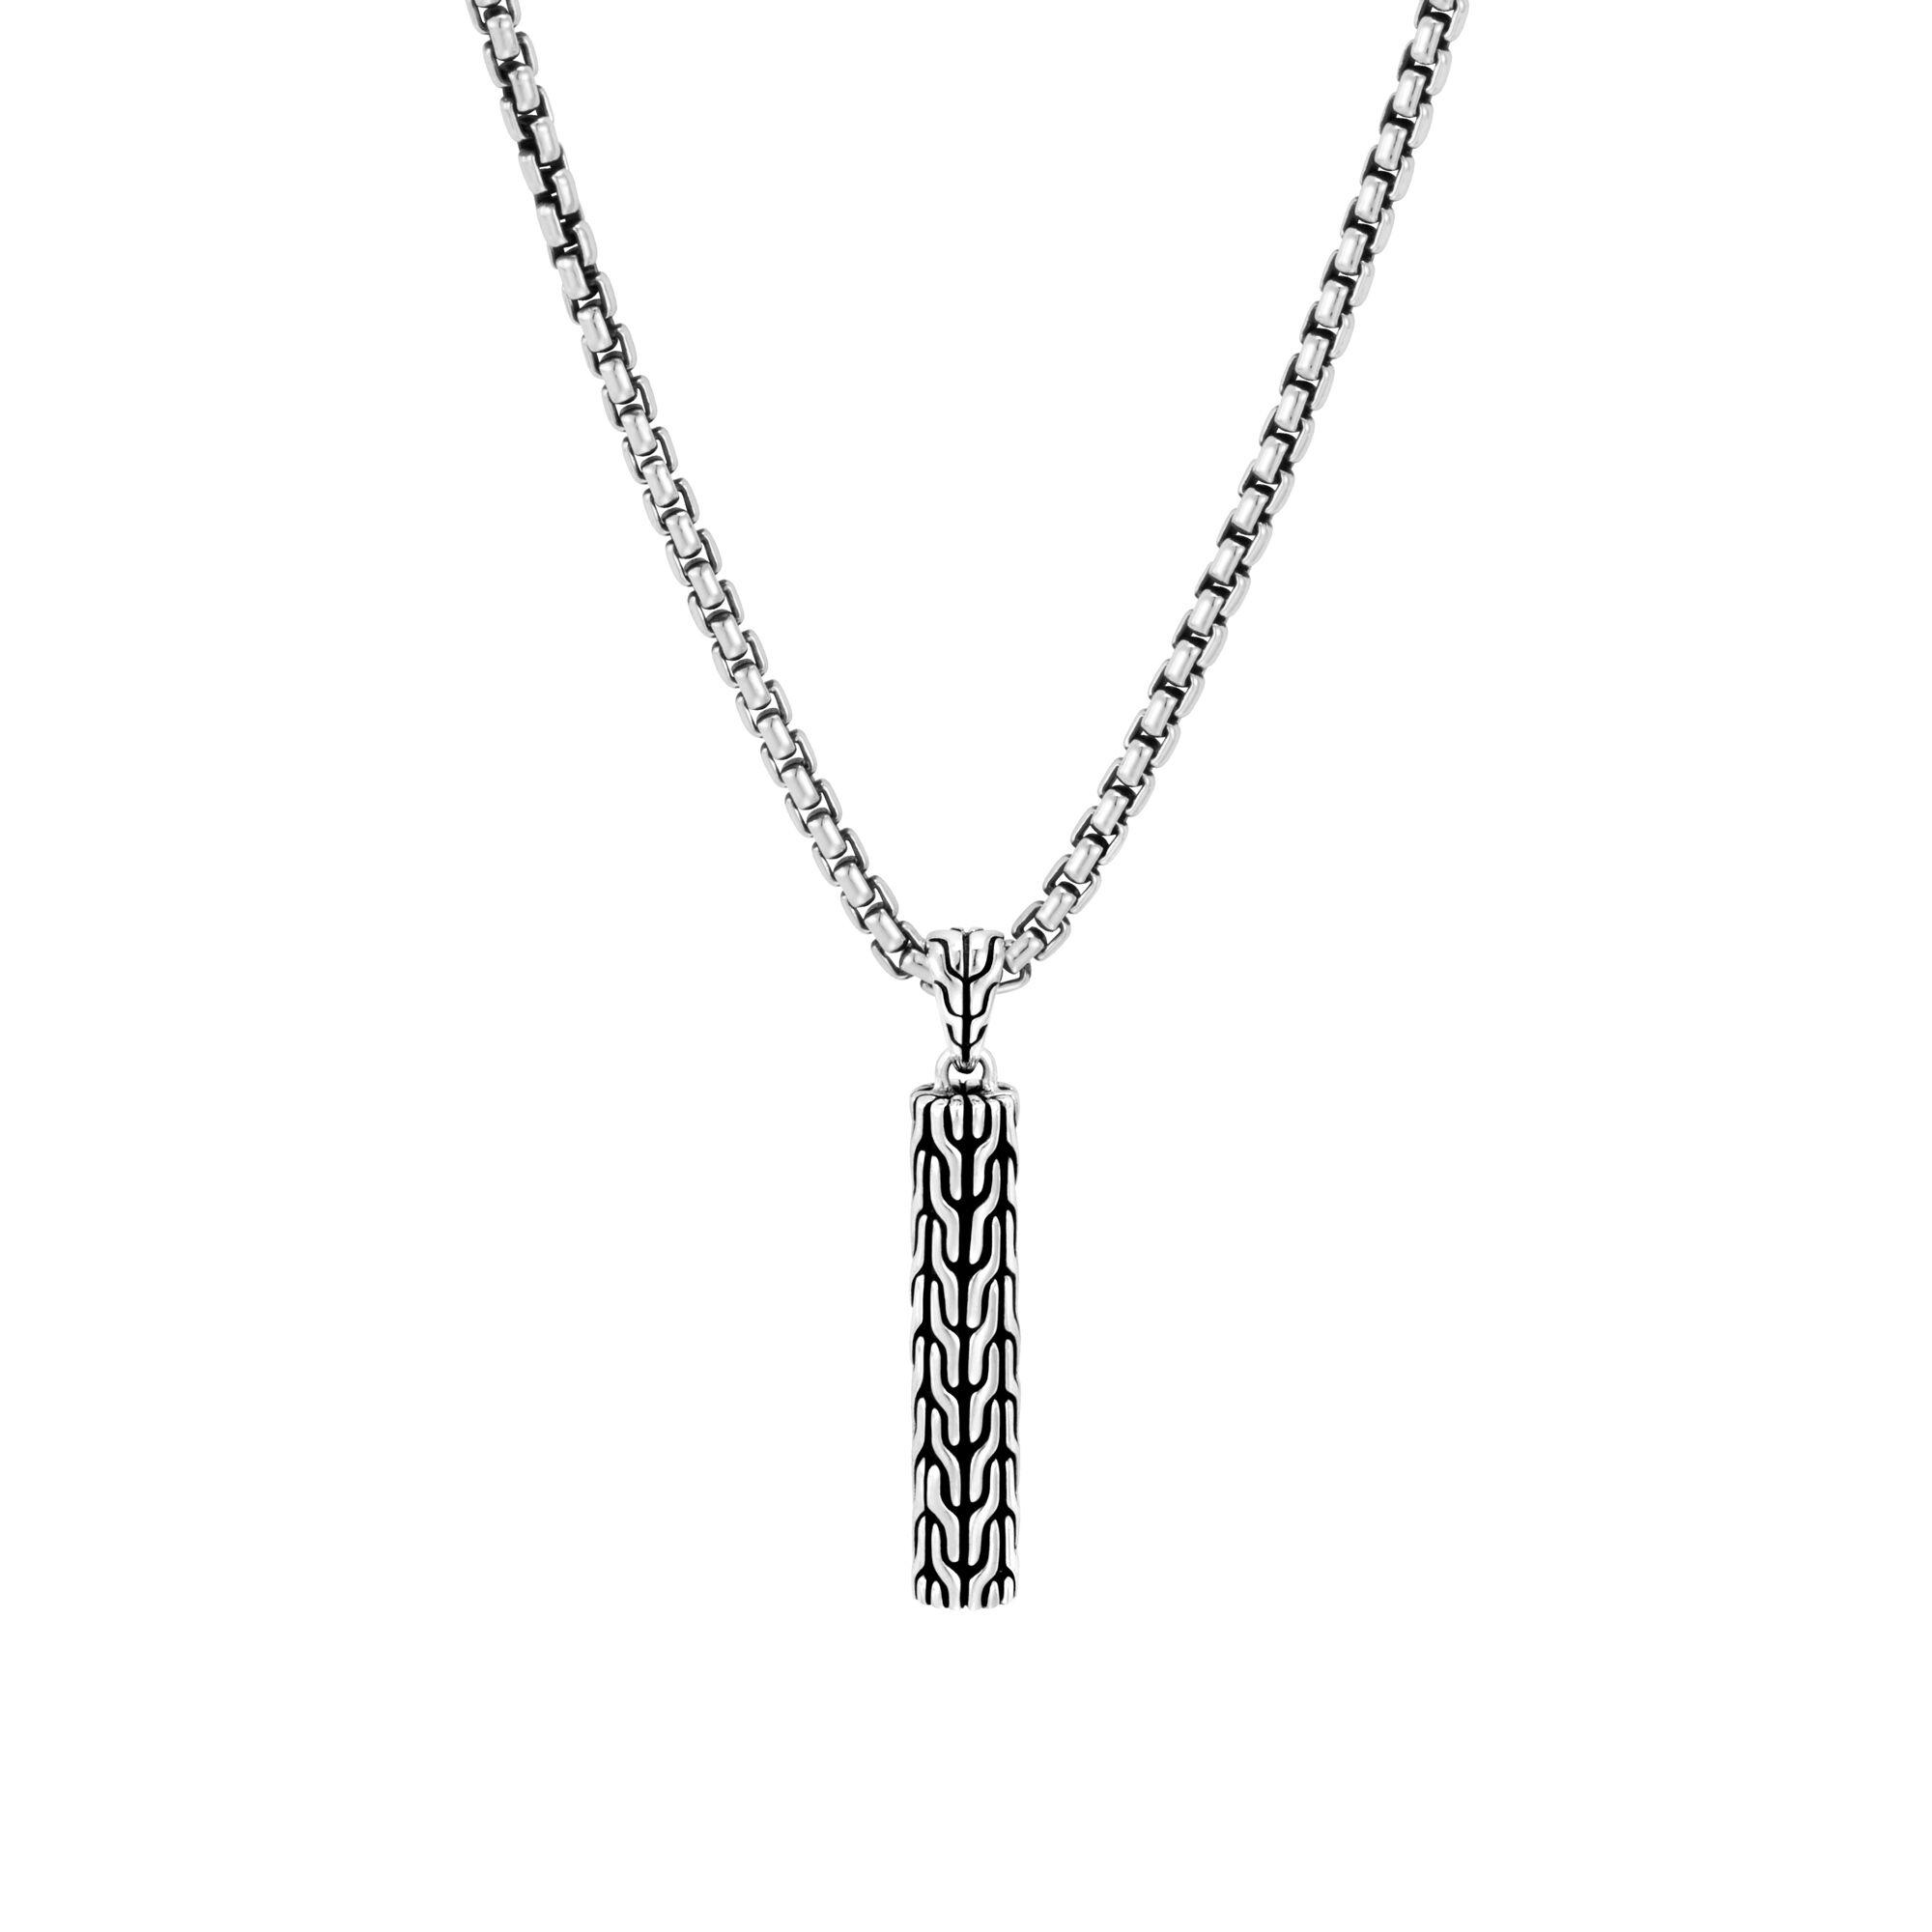 Pendant Box Chain Necklace, , large